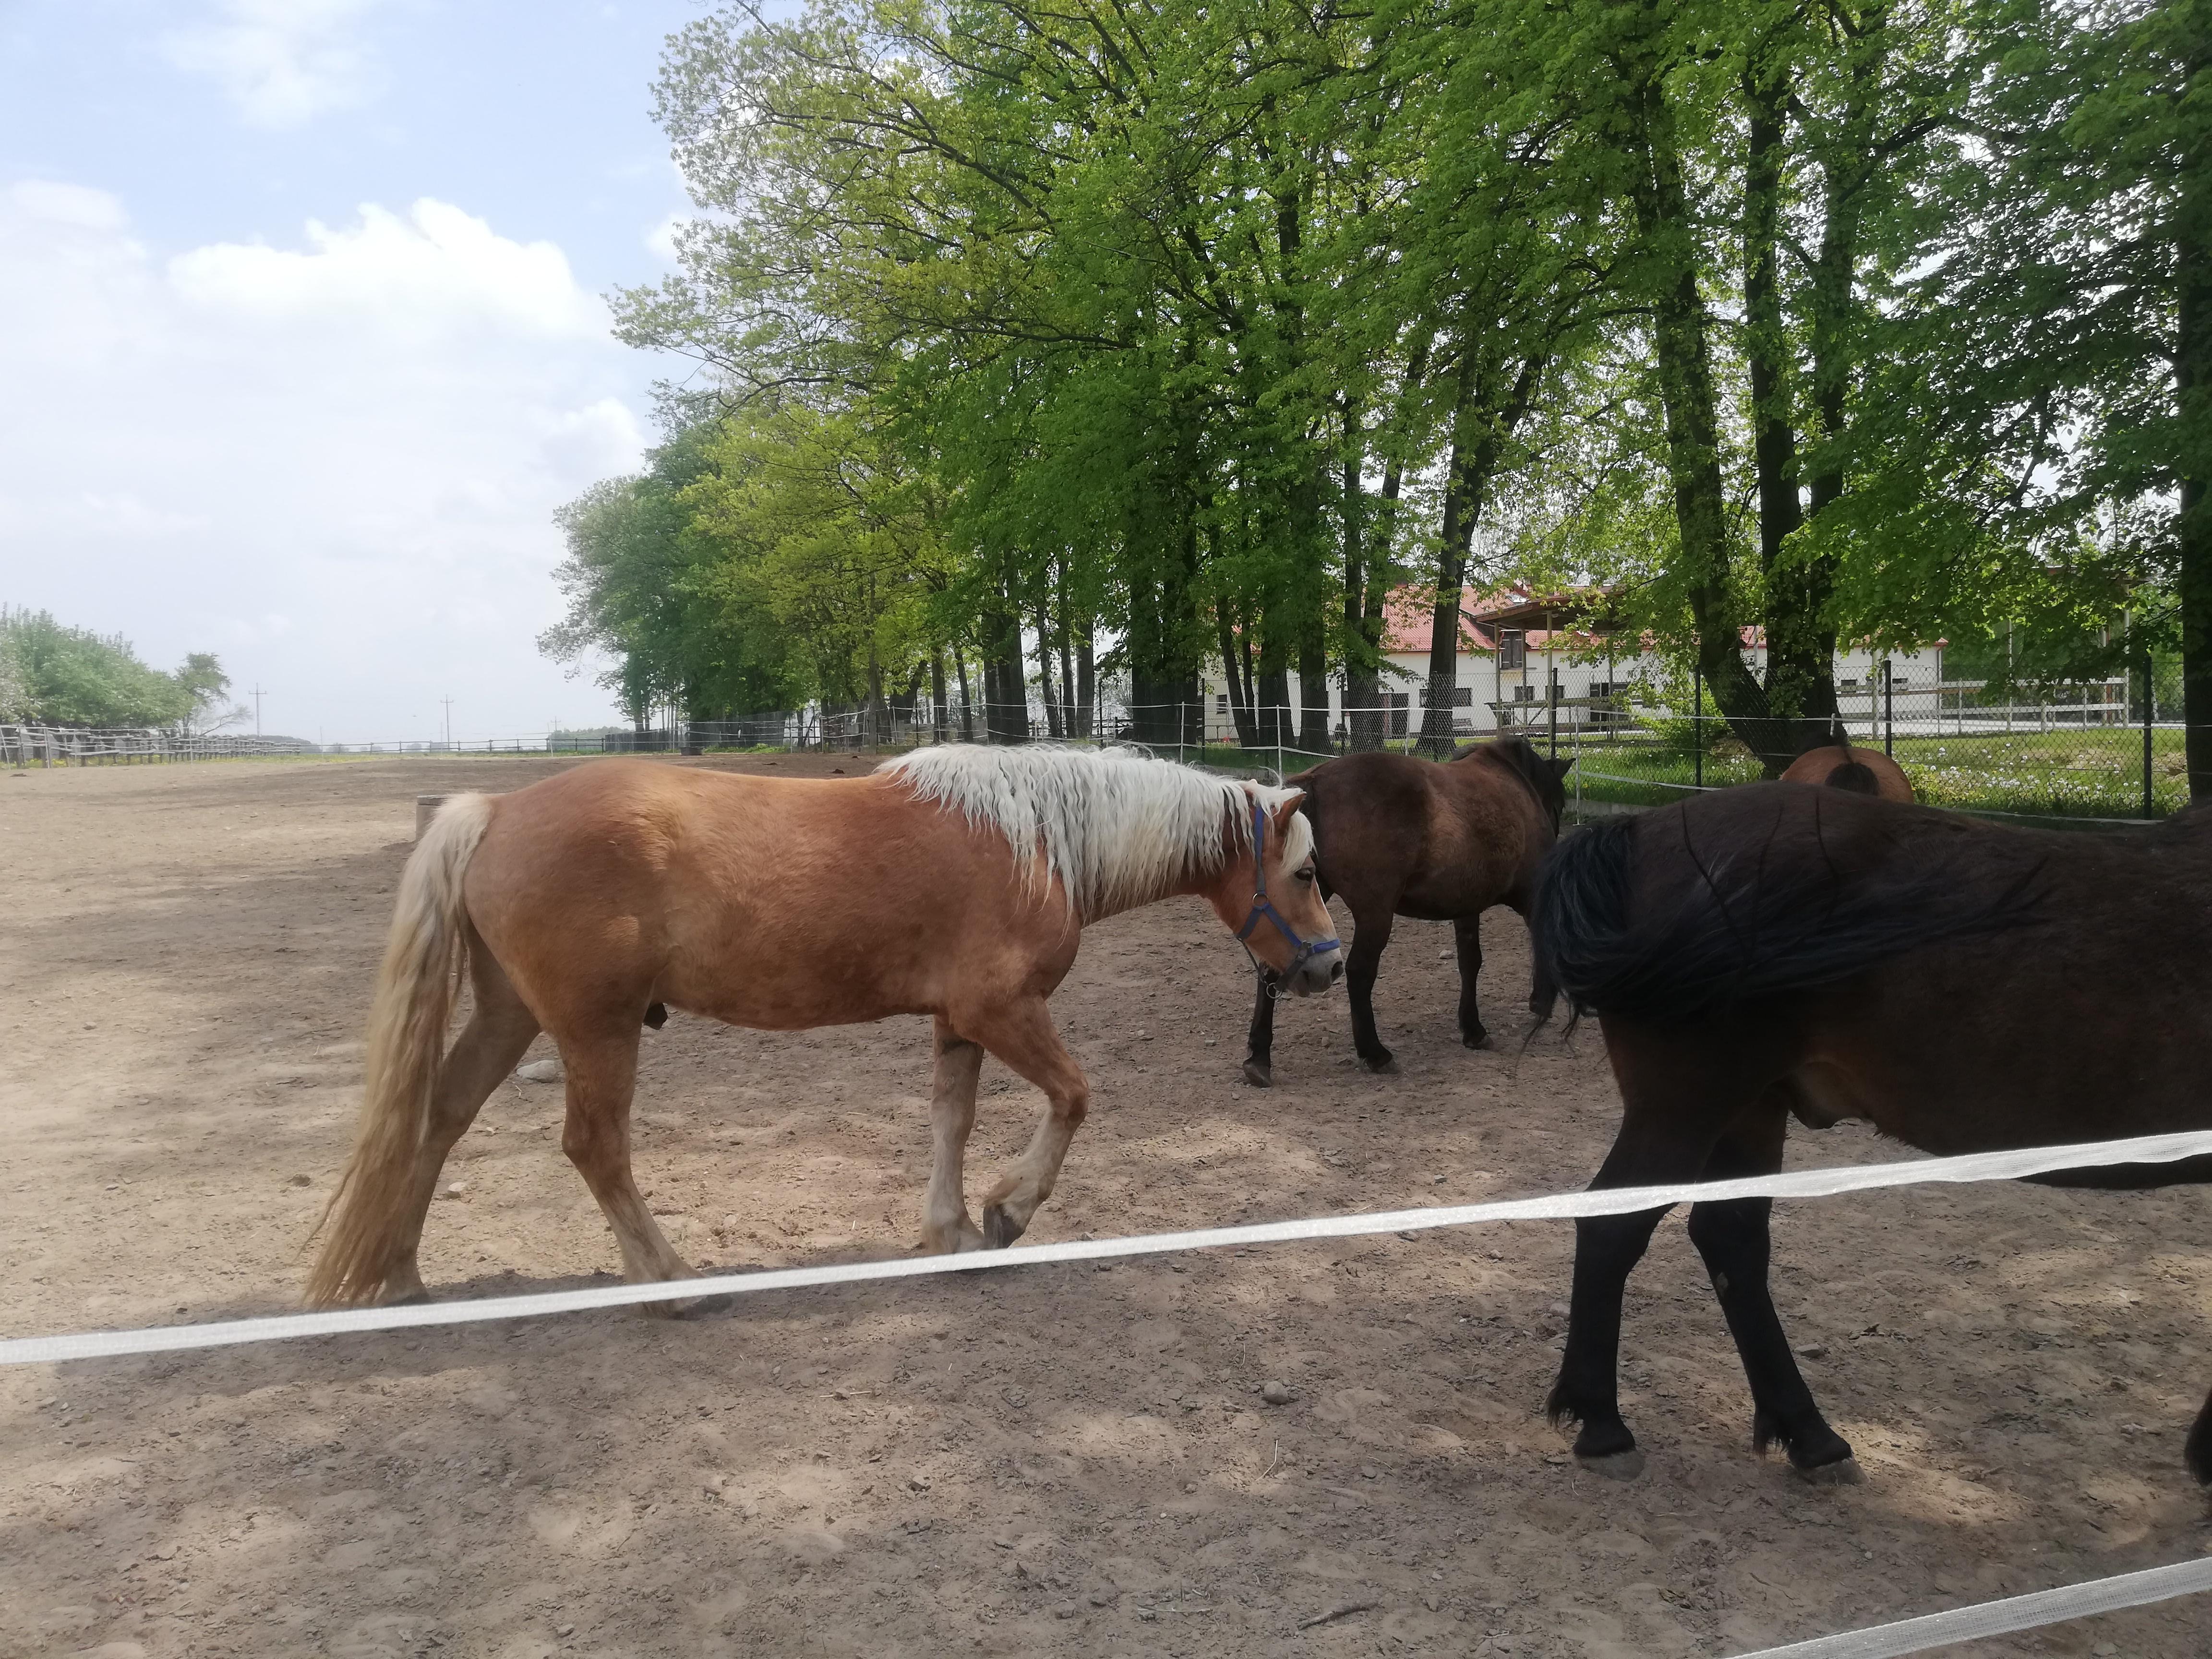 Trzy konie na wybiegu, maści odpowiednio kasztanowatej, gniadej i karej.